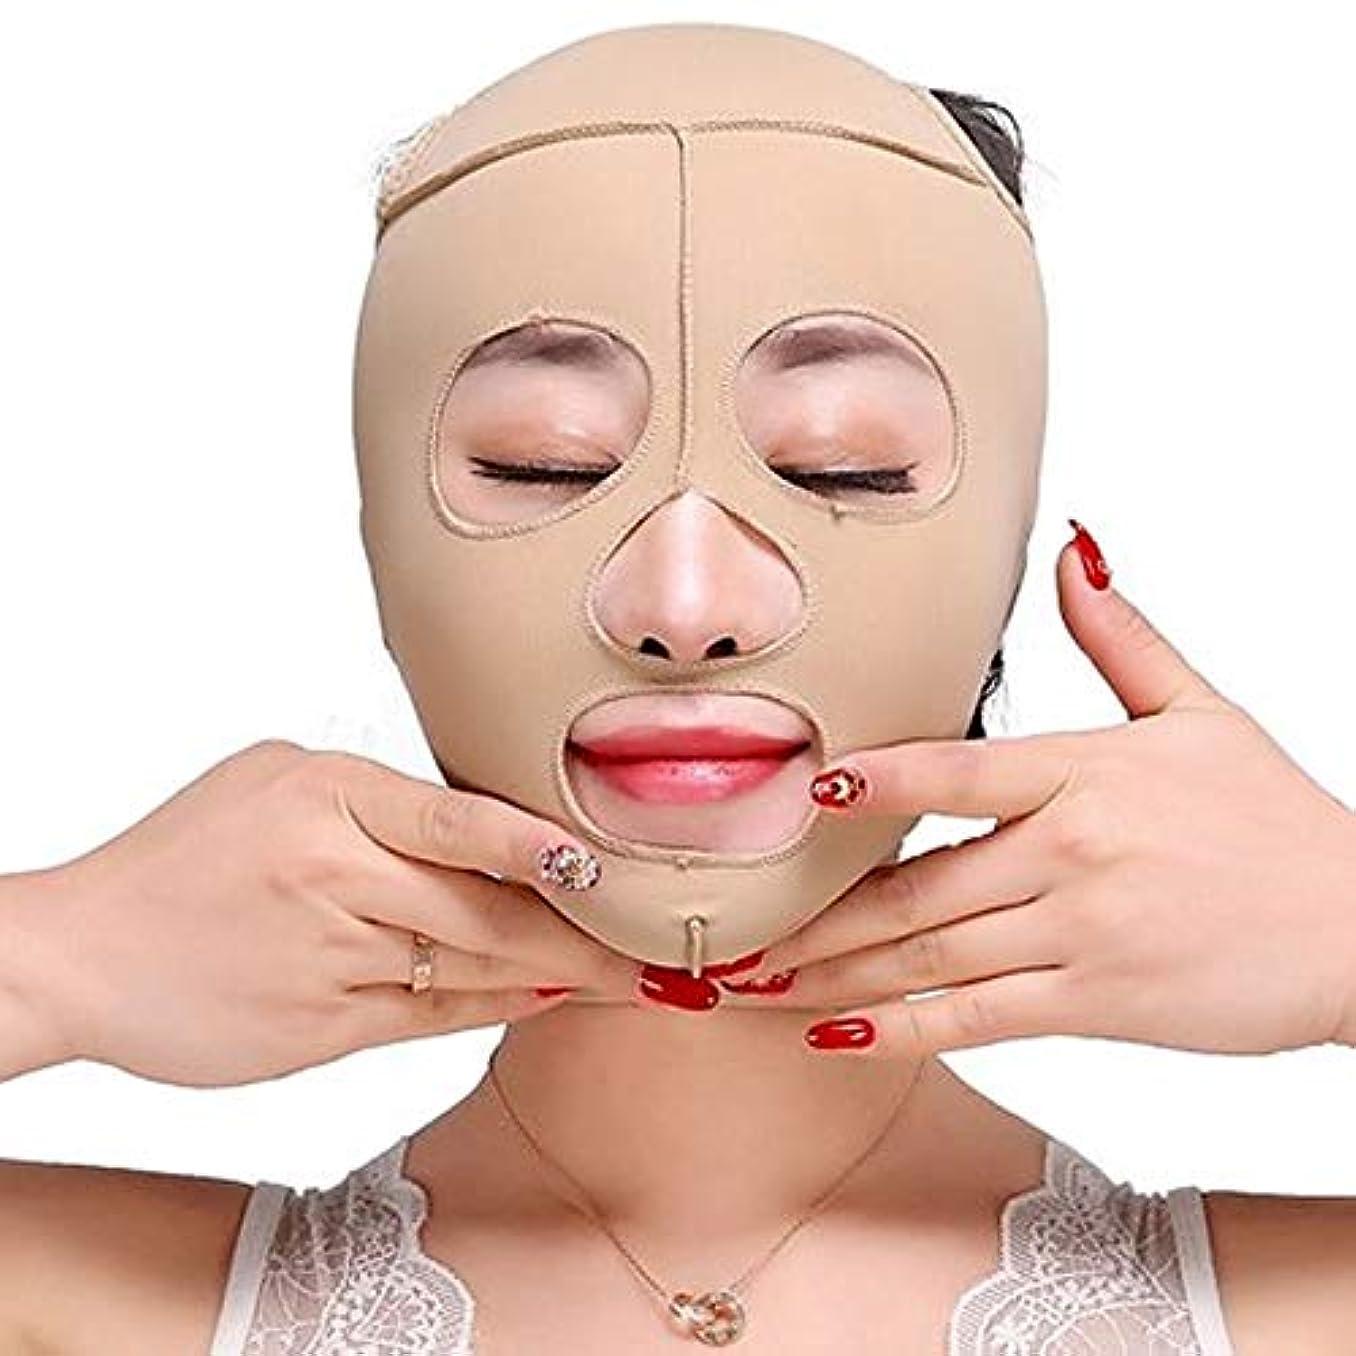 カウント眠いです動揺させるJia Jia- フェイスリフティングアーティファクト睡眠薄い顔顔の顔薄い顔V顔マスク二重あご薄い顔包帯肌色 顔面包帯 (サイズ さいず : XL)